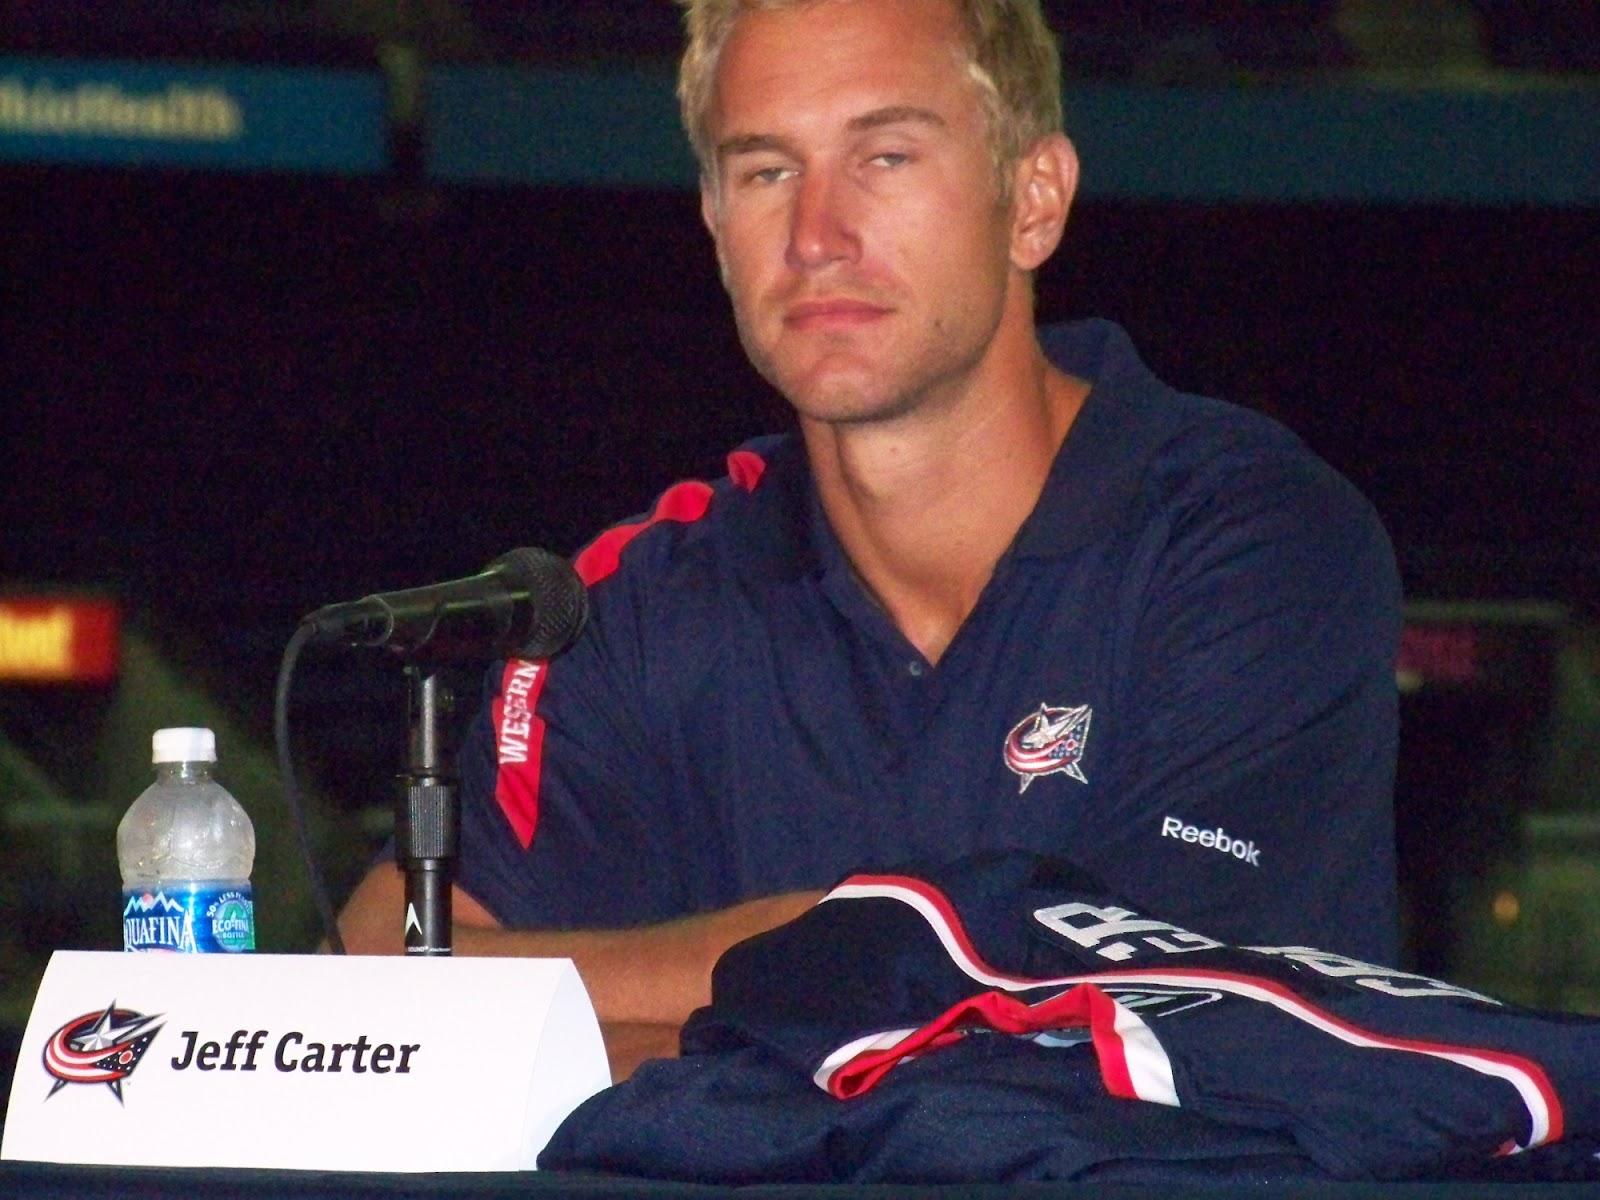 Jeff-Carter-playing-well-for-CBJ-mega.jpg